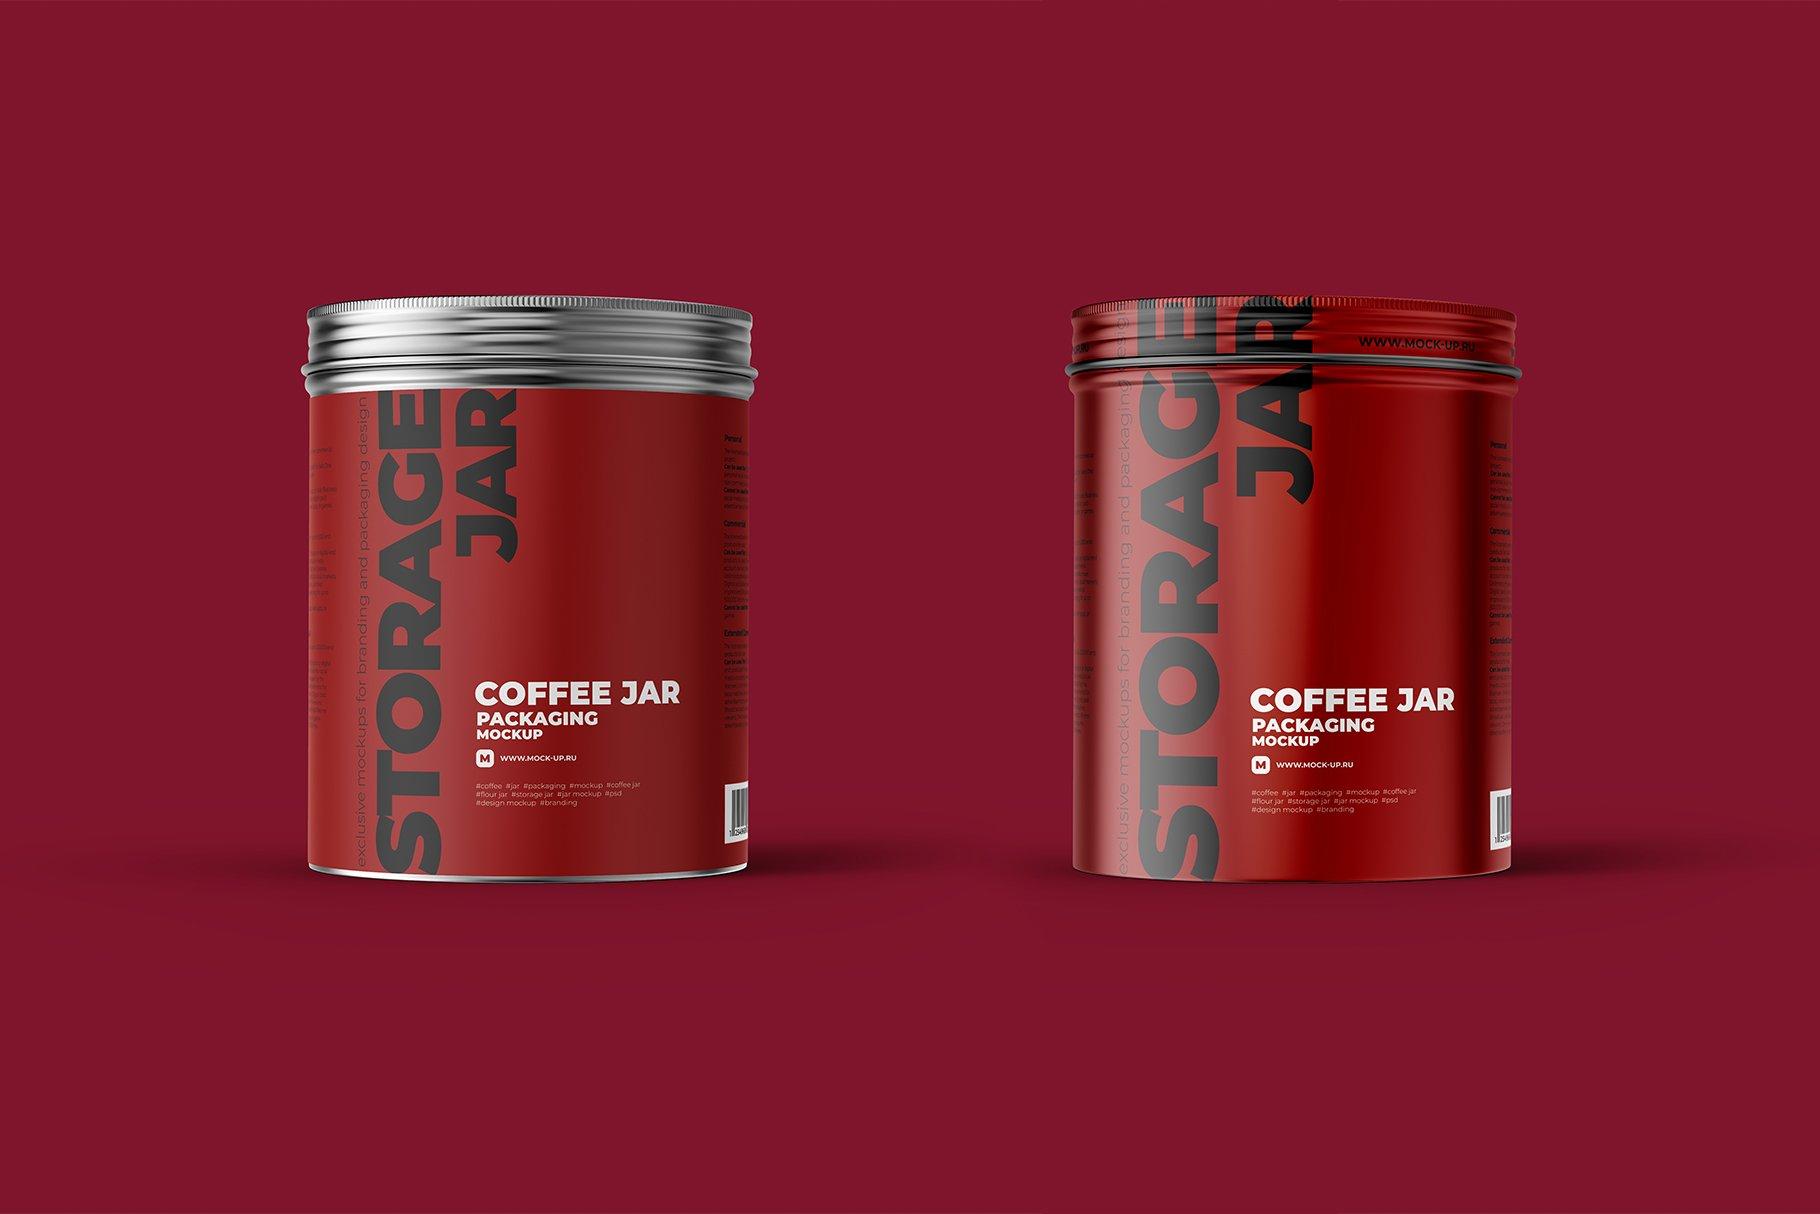 前视图食品茶叶金属罐设计展示PSD样机模板 Metallic Storage Closed Jar Front插图5